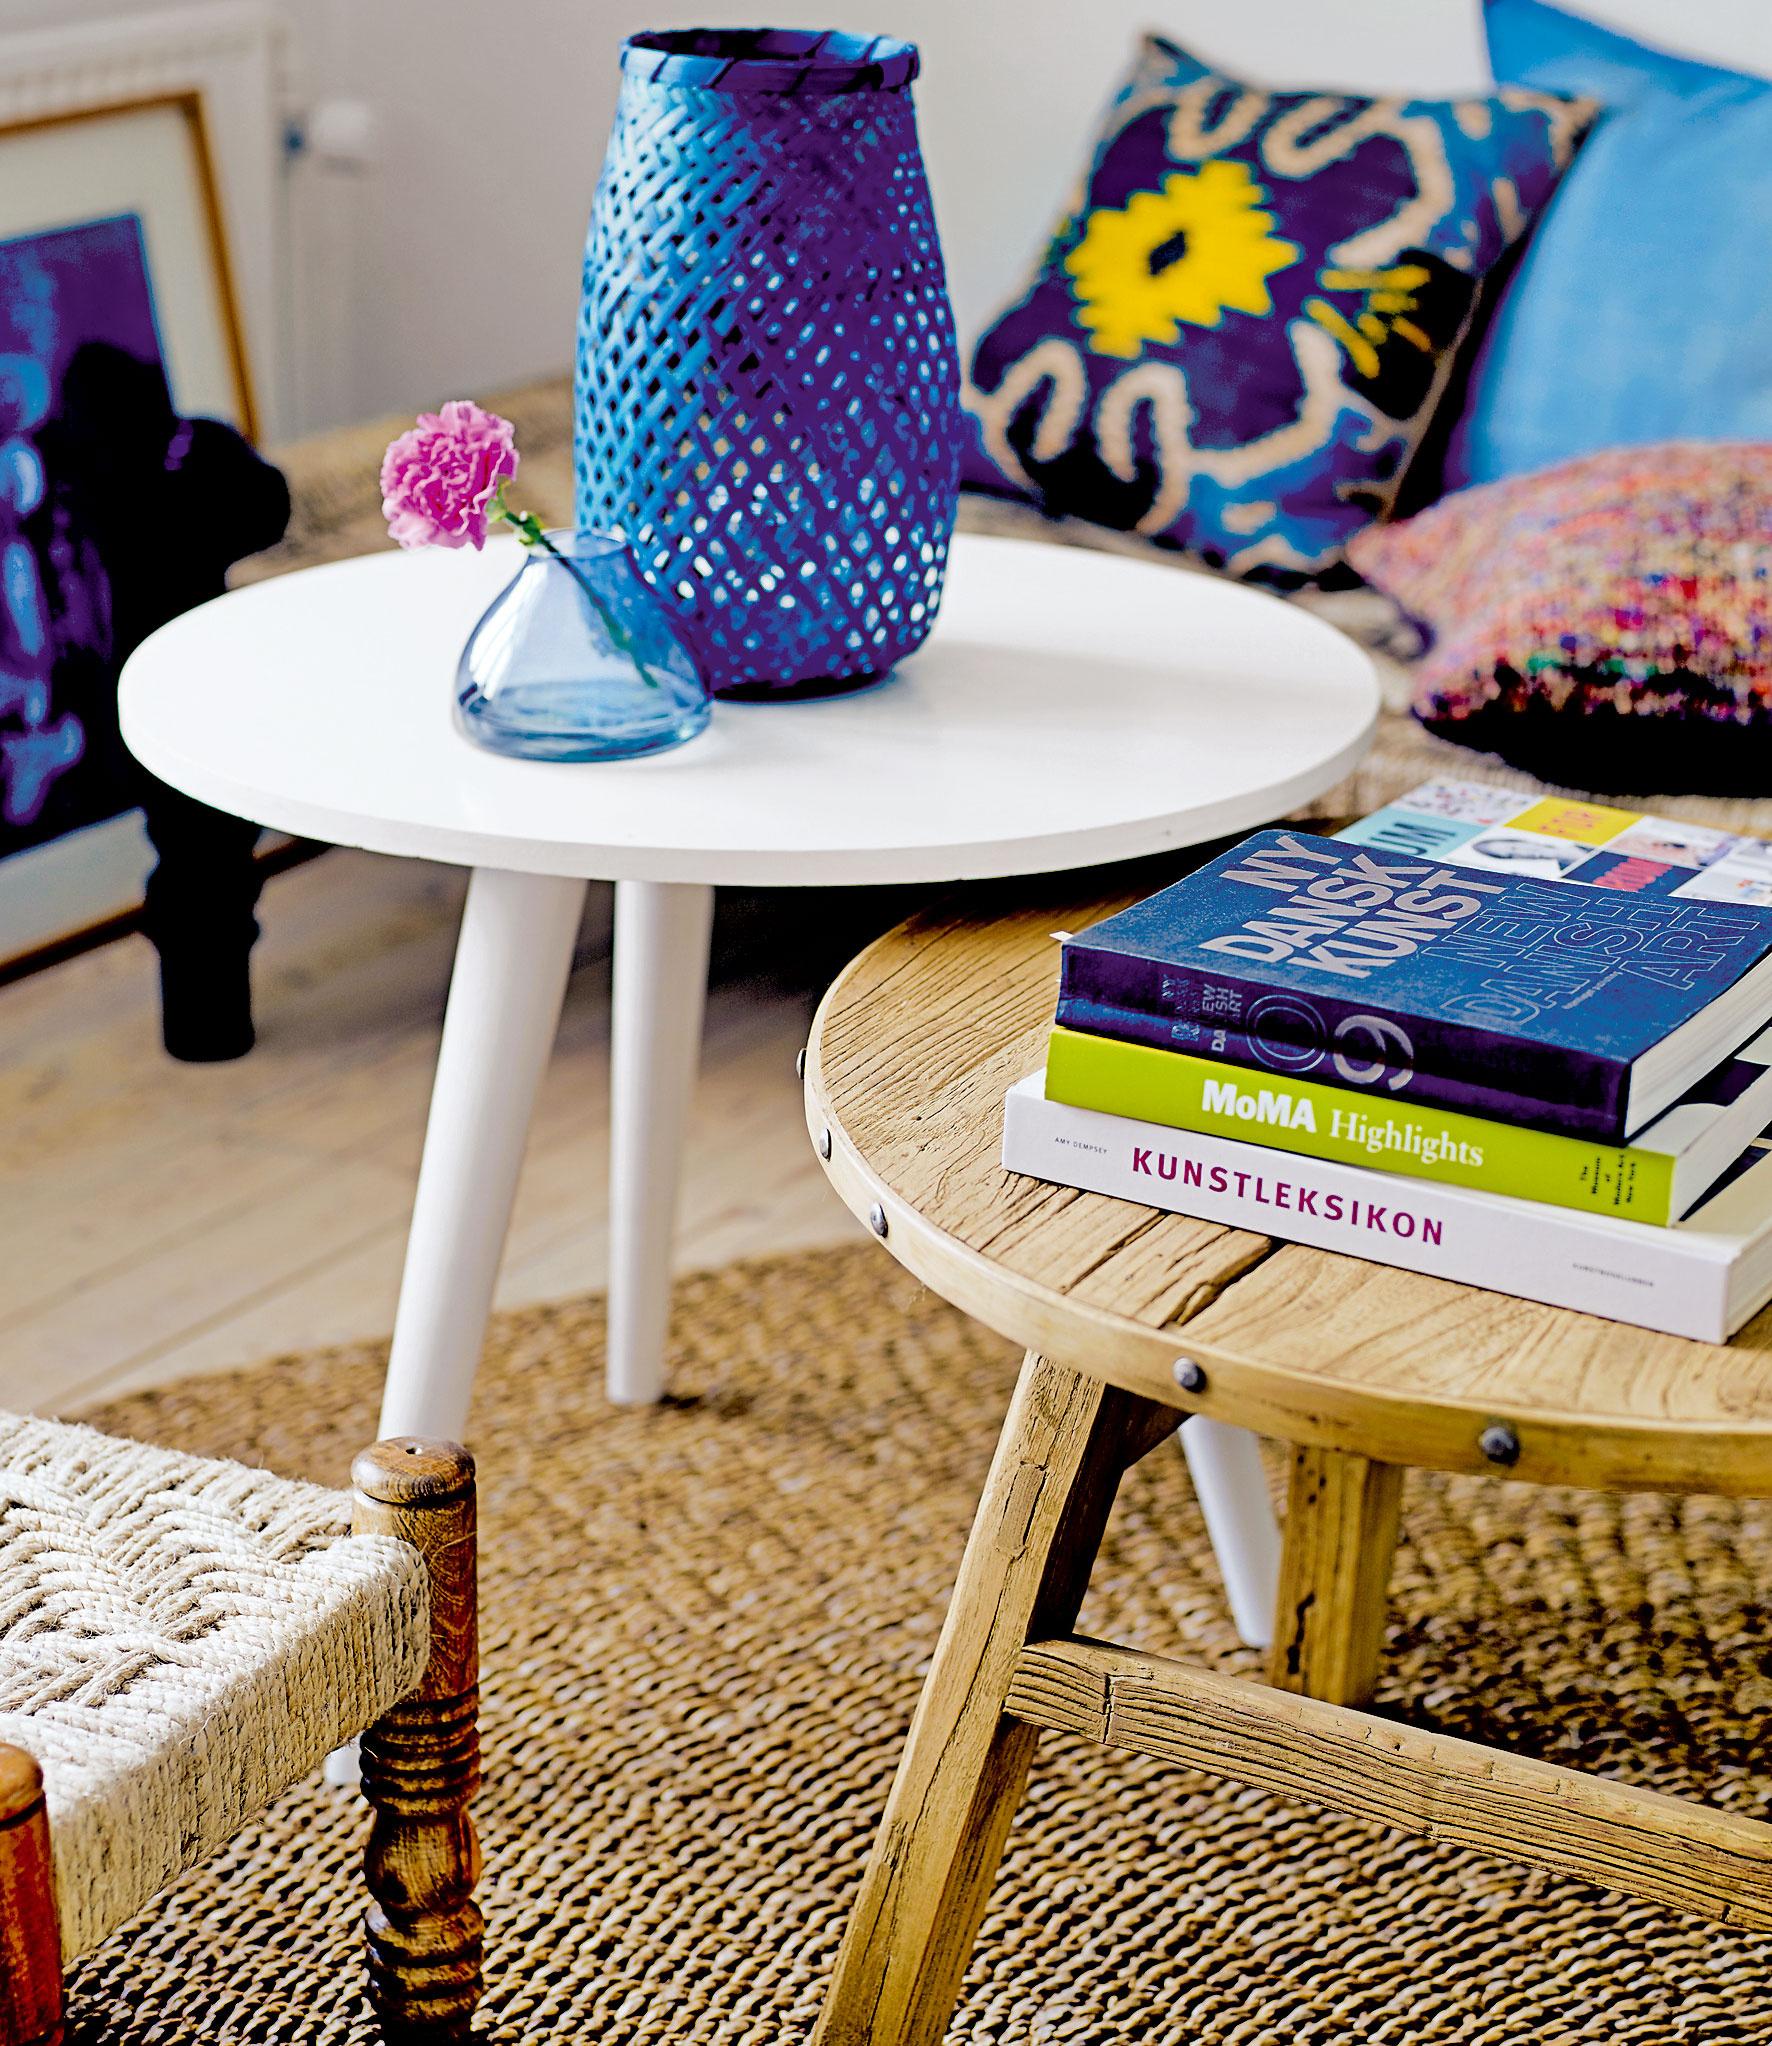 4 STOLČEK, PRESTRI SA! Vymeňte ozrutné amasívne konferenčné stolíky za niečo menšie, vzdušnejšie aaj staršie. Starým stolčekom ponechajte ich prirodzenú ošarpanosť. Že sú príliš malé? Vďaka ich veľkosti si do svojej obývačky pokojne zadovážte dva či tri, nižšie aj vyššie, ktoré budú spolu vdokonalej súhre.